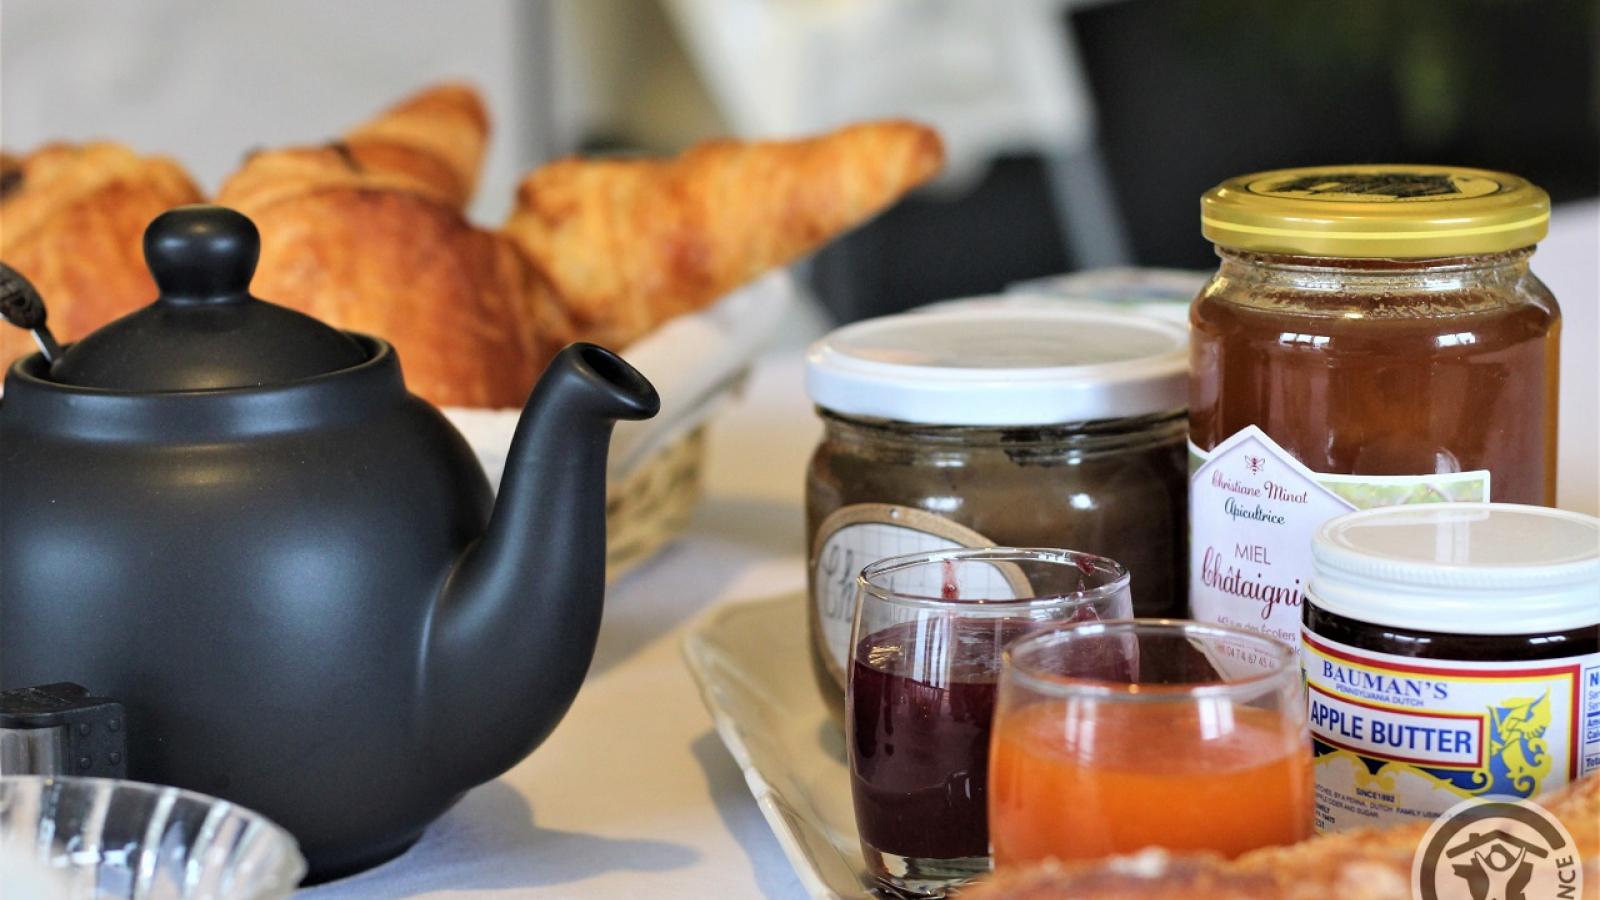 Chambres d'Hôtes 'Au Domaine de Robert' à Fleurie dans le Beaujolais - Rhône : Petits déjeuners.